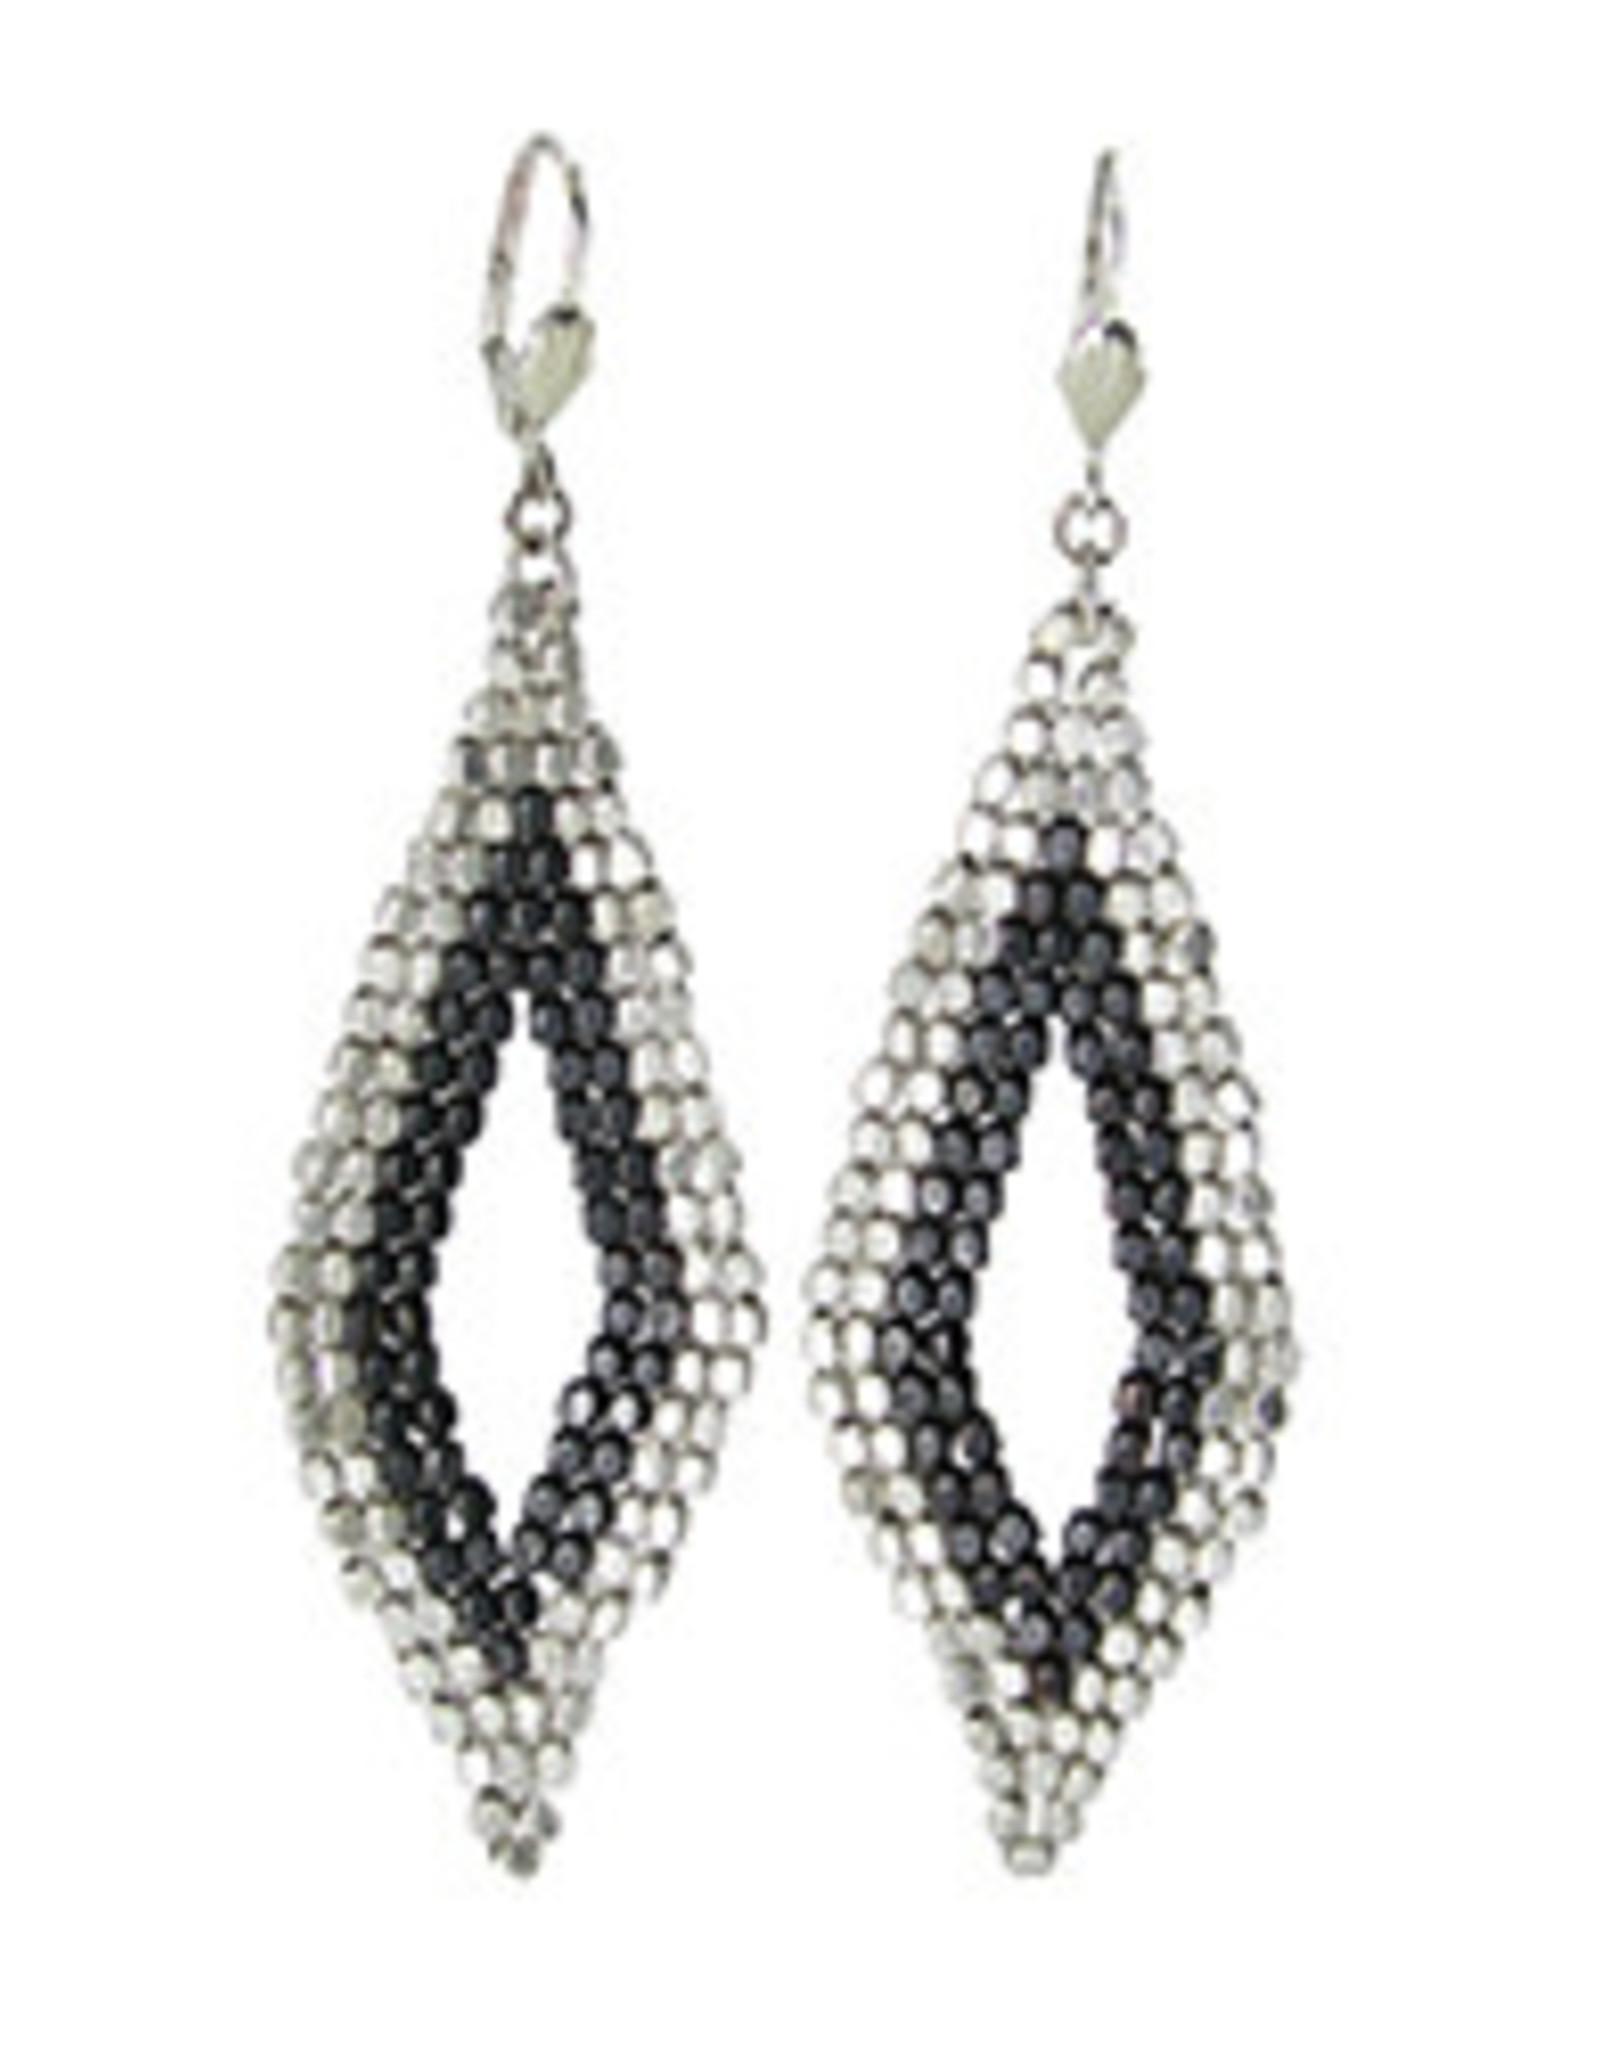 Cubist Mod Diamond Earrings